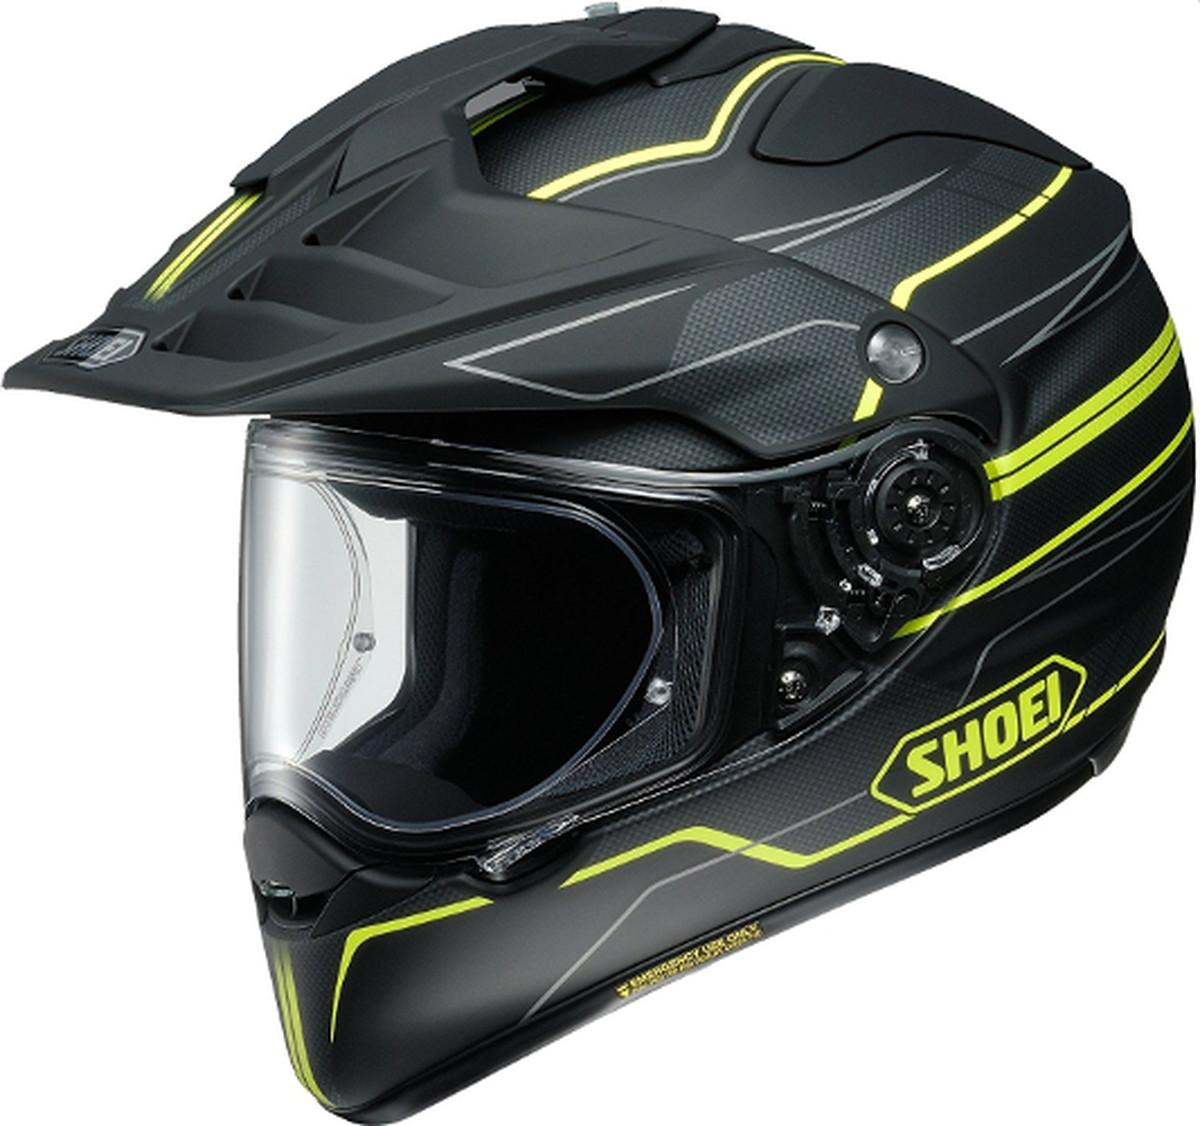 【動画あり】 SHOEI オフロードヘルメット HORNET ADV NAVIGATE (ナビケート) TC-3 XLサイズ